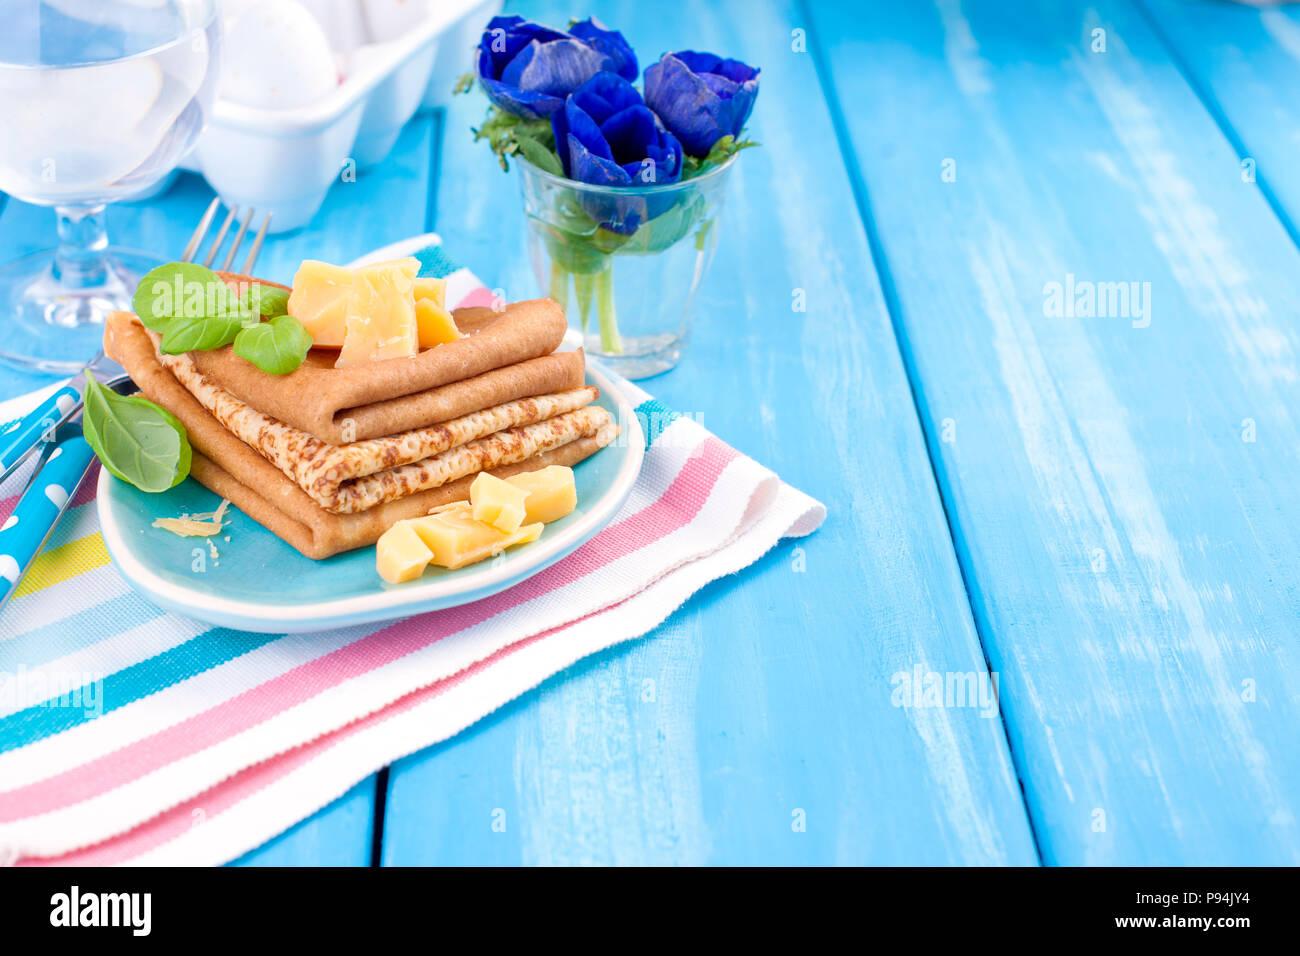 Hausgemachte Pfannkuchen mit Parmesan und Basilikum für Spring Carnival. Italienisches Frühstück. Helle Blumen Tulpen. Blauen Hintergrund. Ein freier Platz für Text oder eine Postkarte. Stockbild